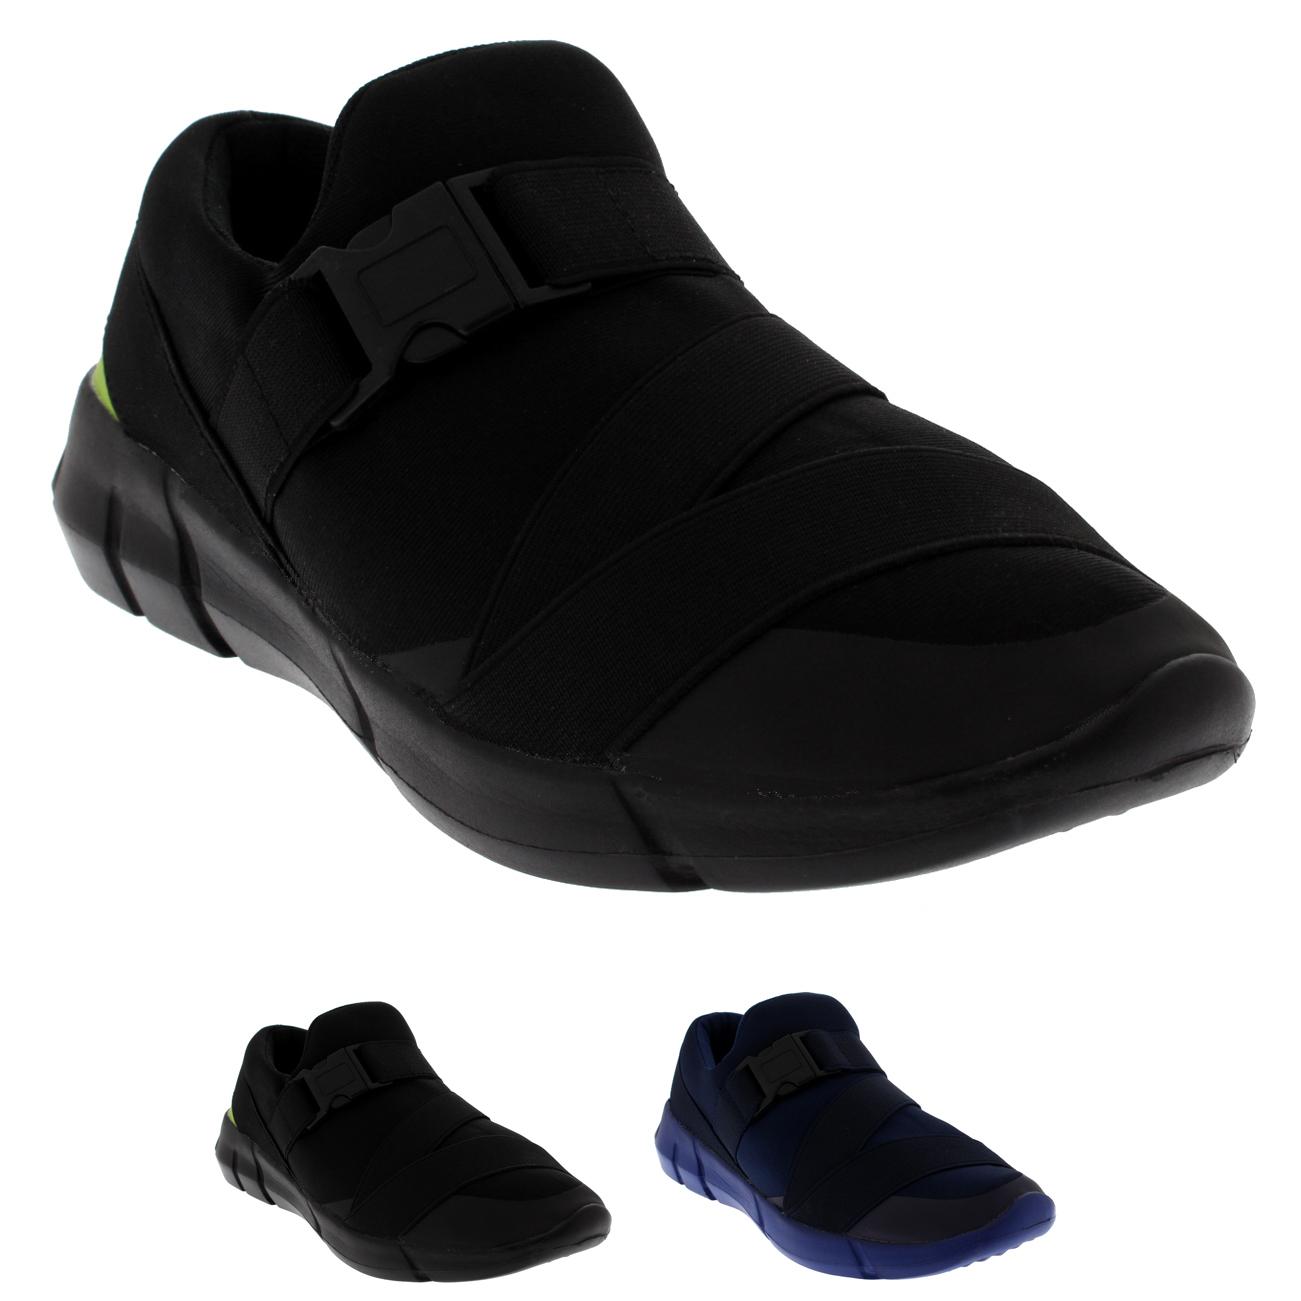 Hebilla para mujer Slip On caminar ligero acolchado Calzado Deportivo Zapatillas UK 3-10